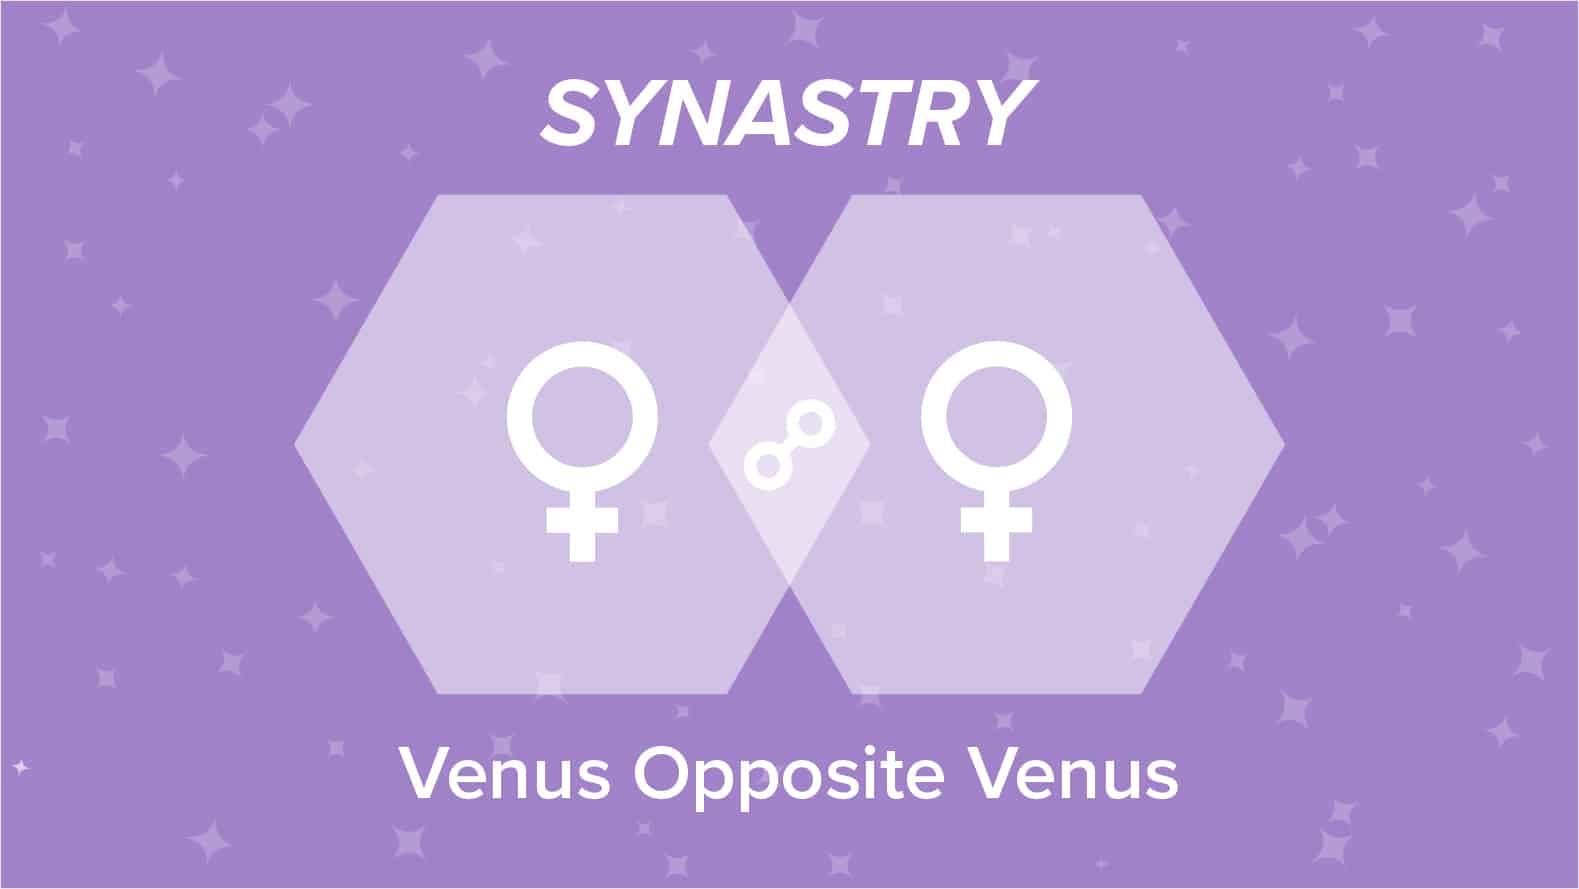 Venus Opposite Venus Synastry